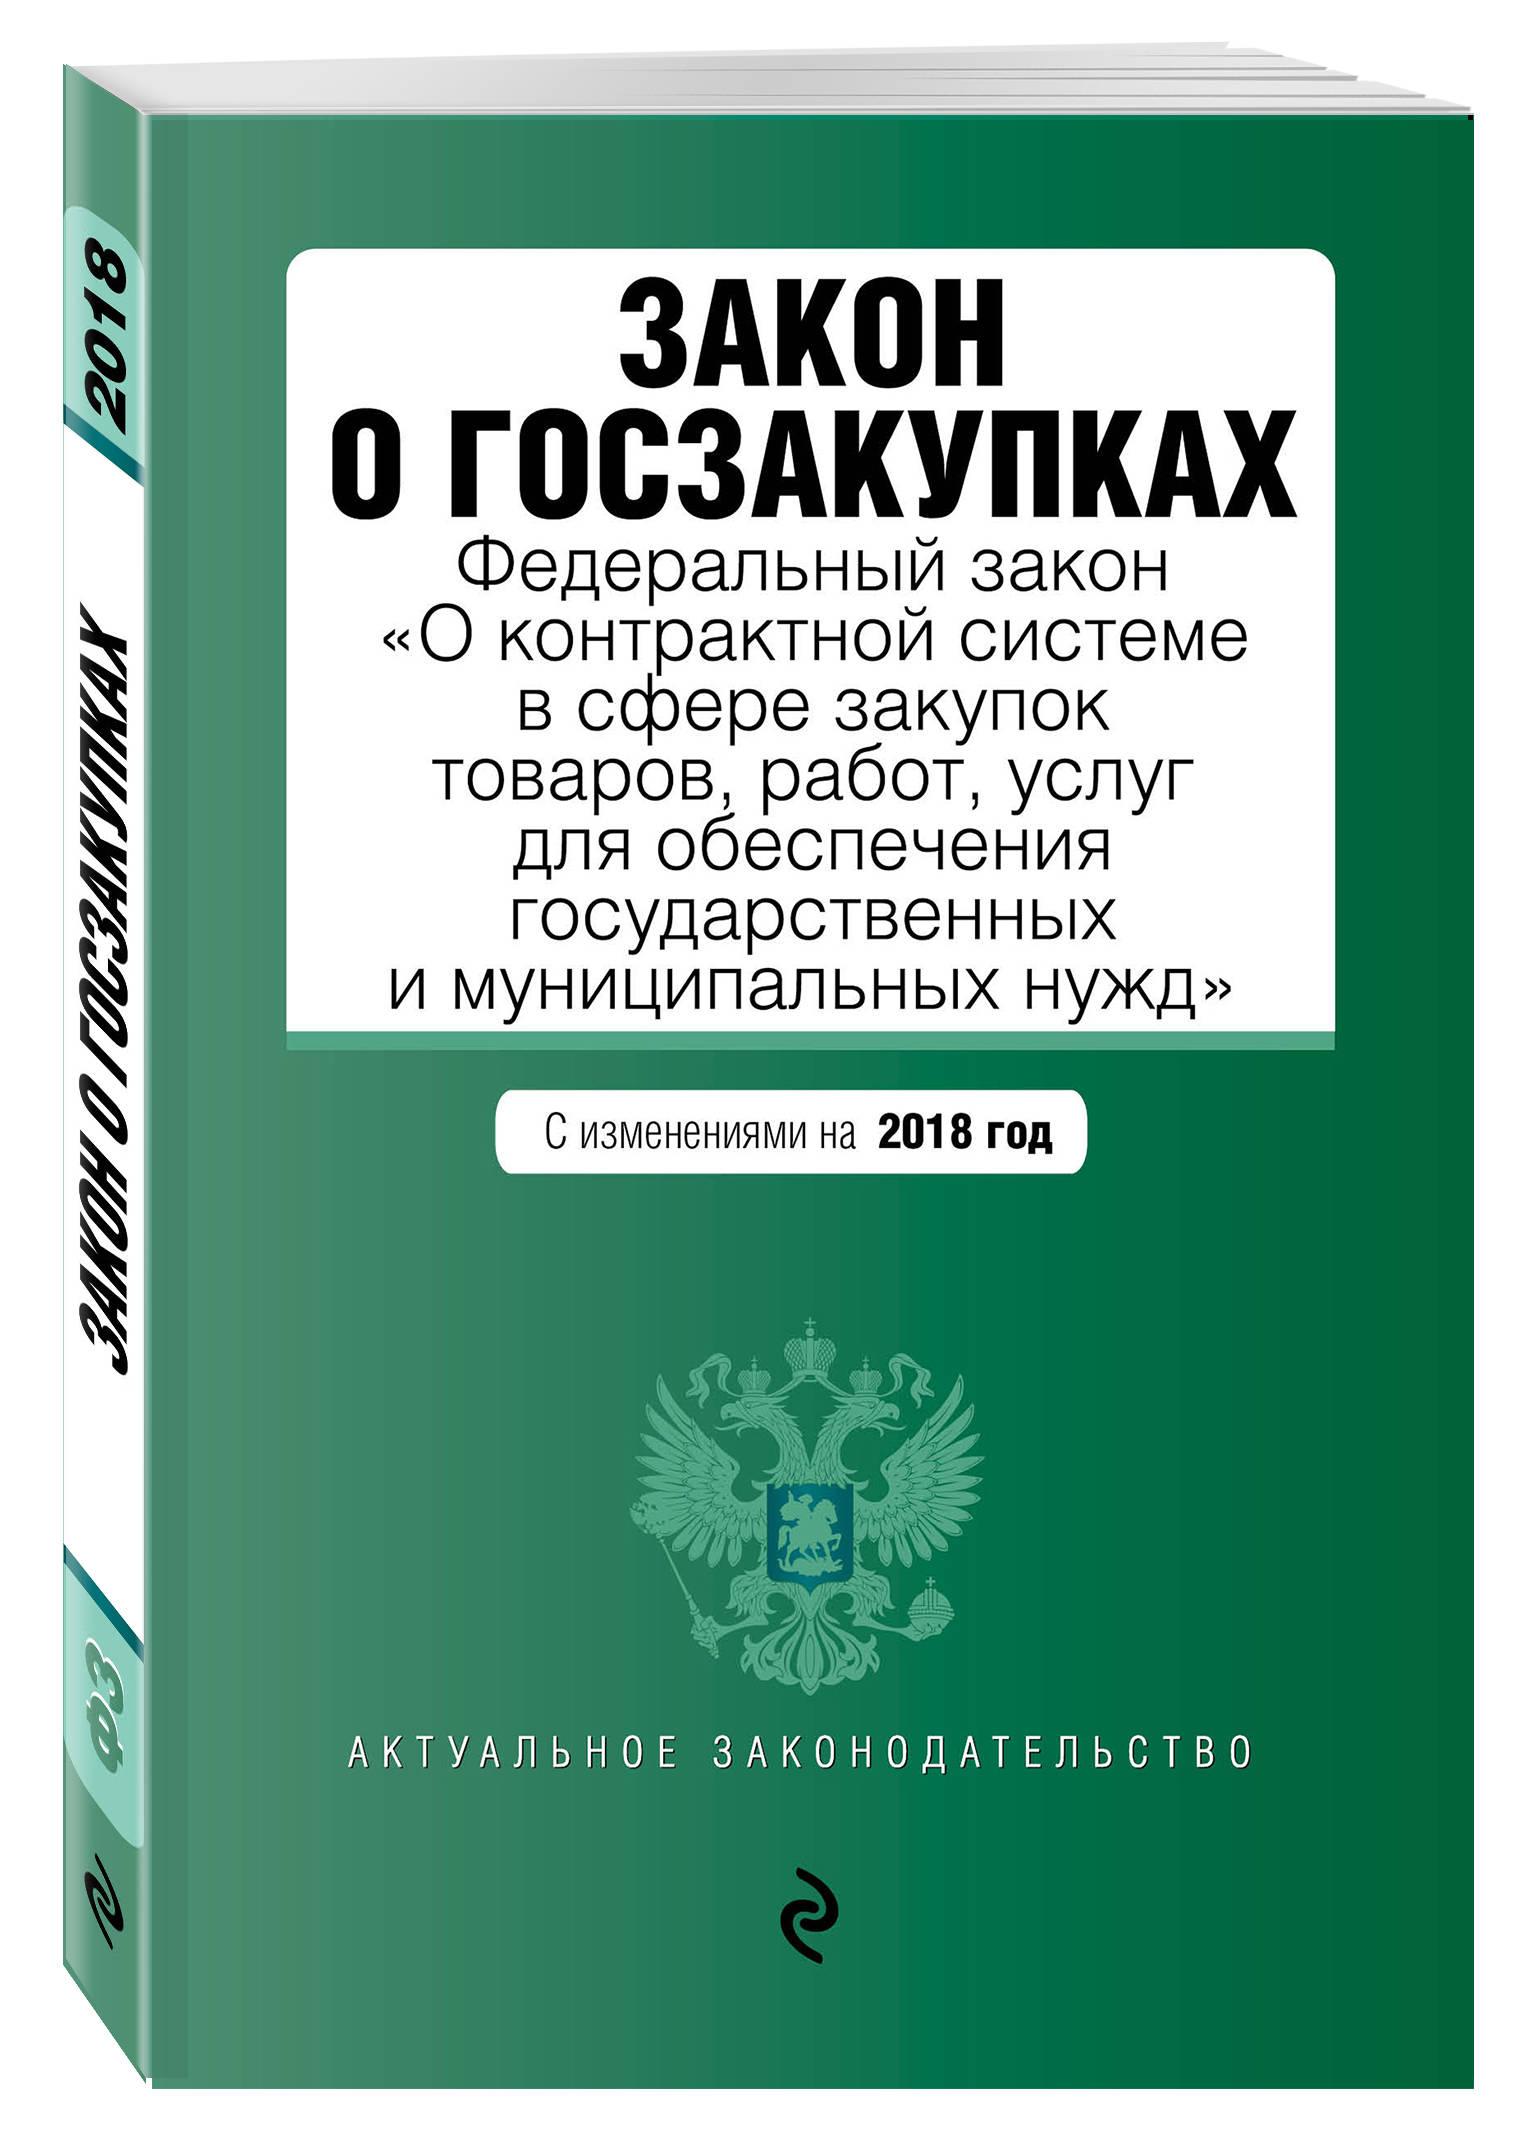 Законопроект о судебных приставах 2018 года